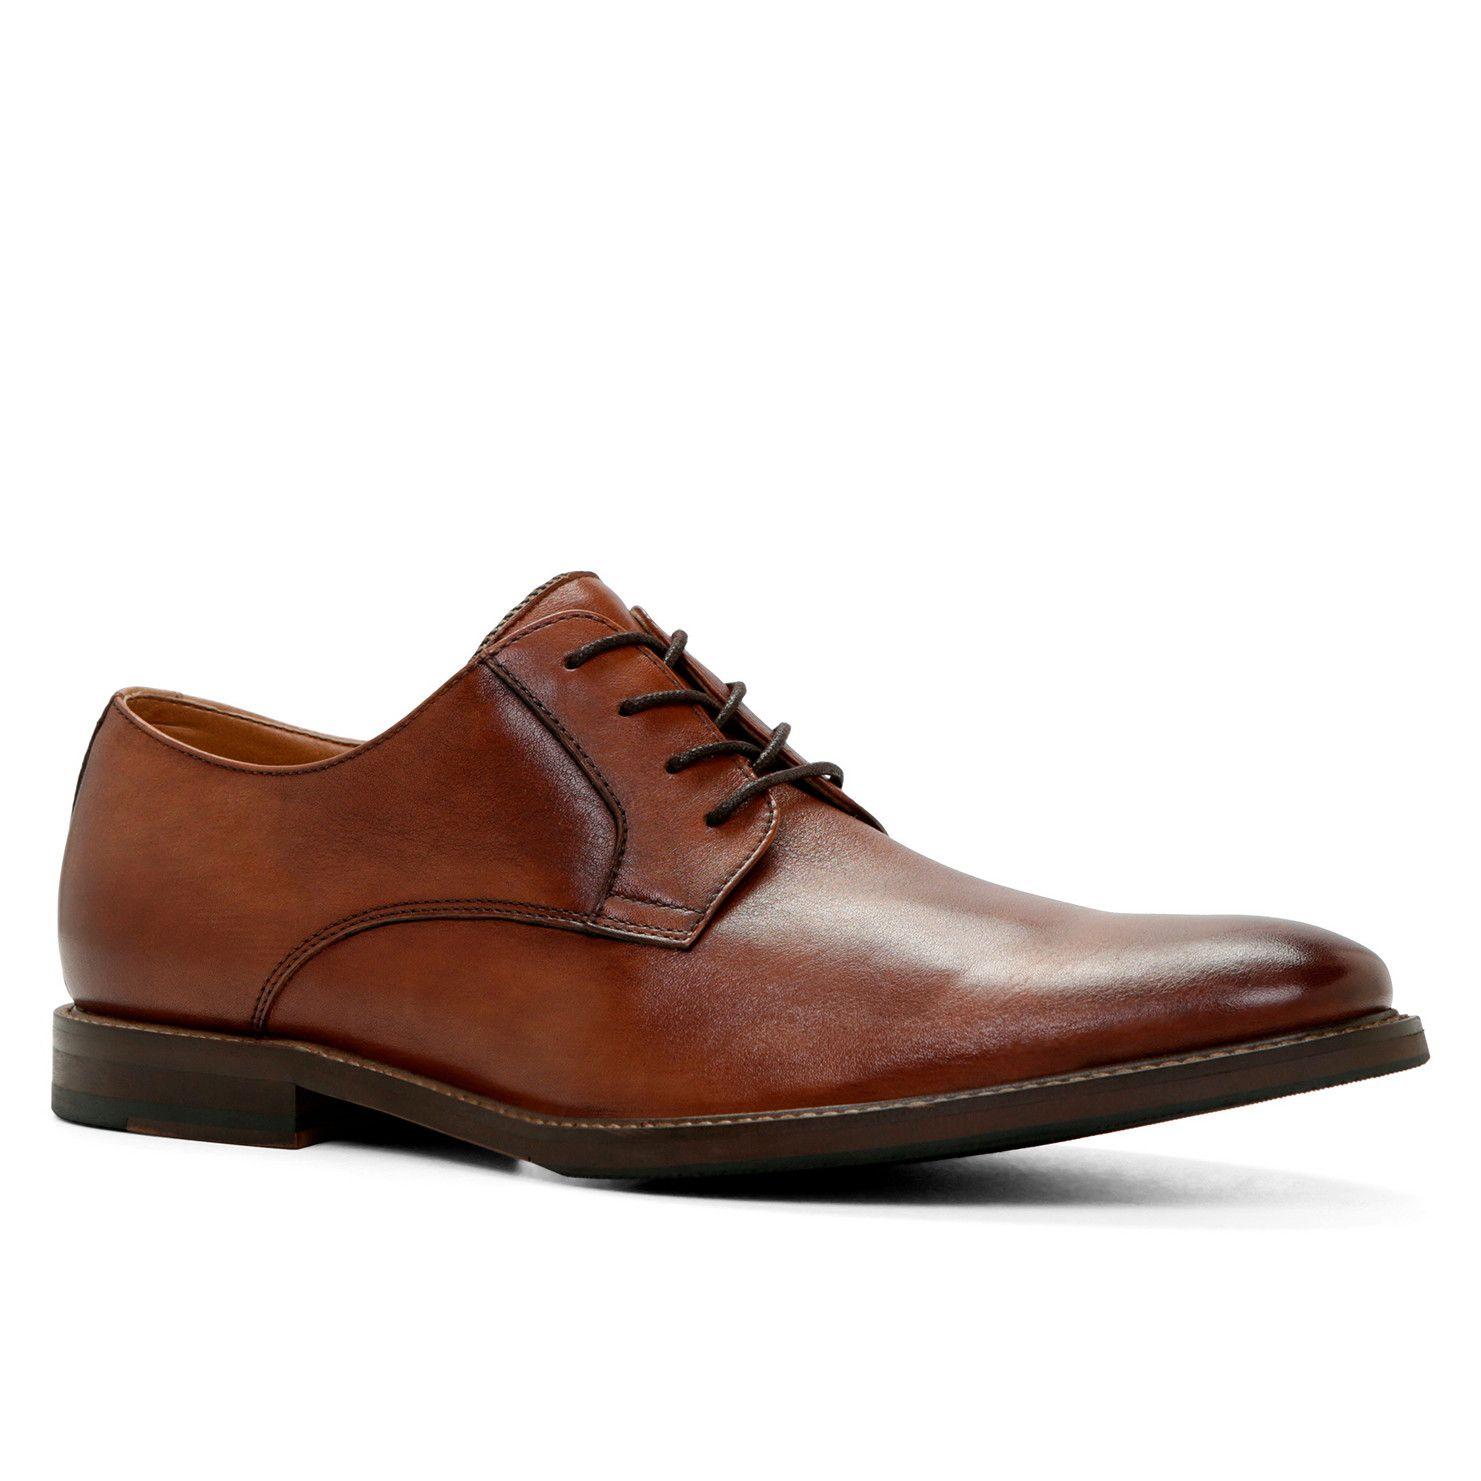 Bostonian Narrate Cap Hombre US 10.5 Marrón Zapato UK 9.5 EU 44 0v8BUAwR6D